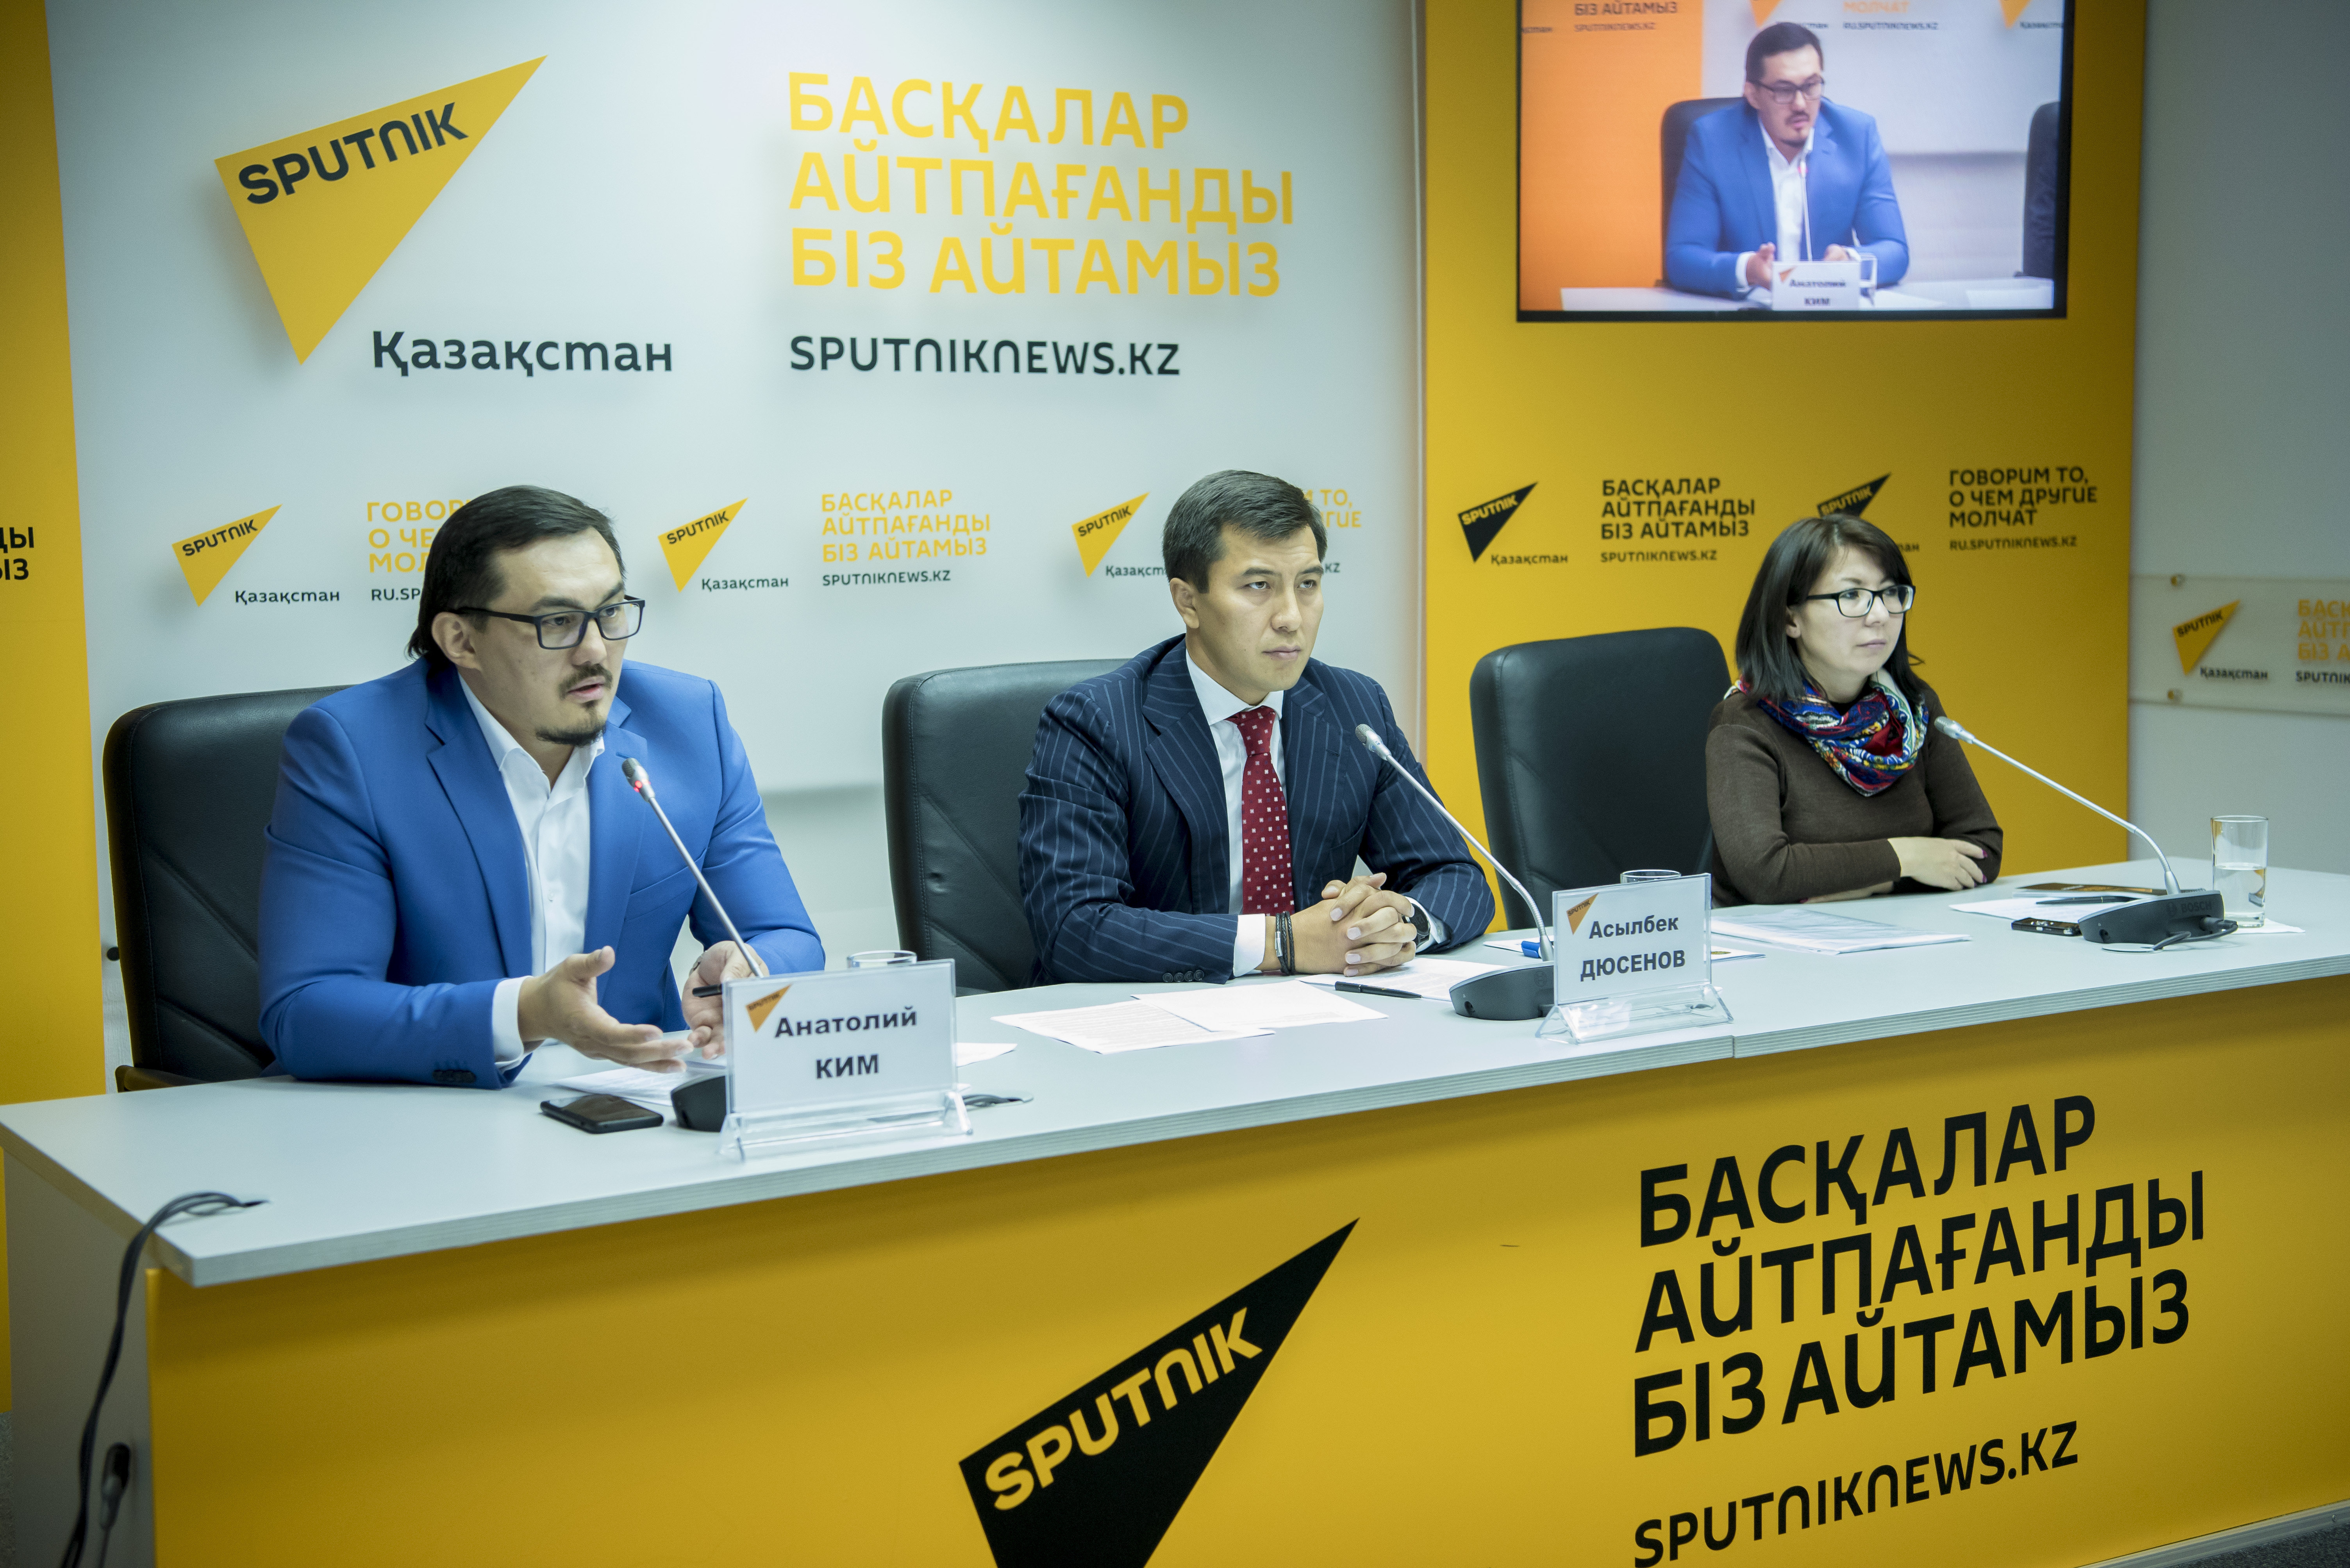 Пресс-конференция в мультимедийном пресс-центре Sputnik Казахстан